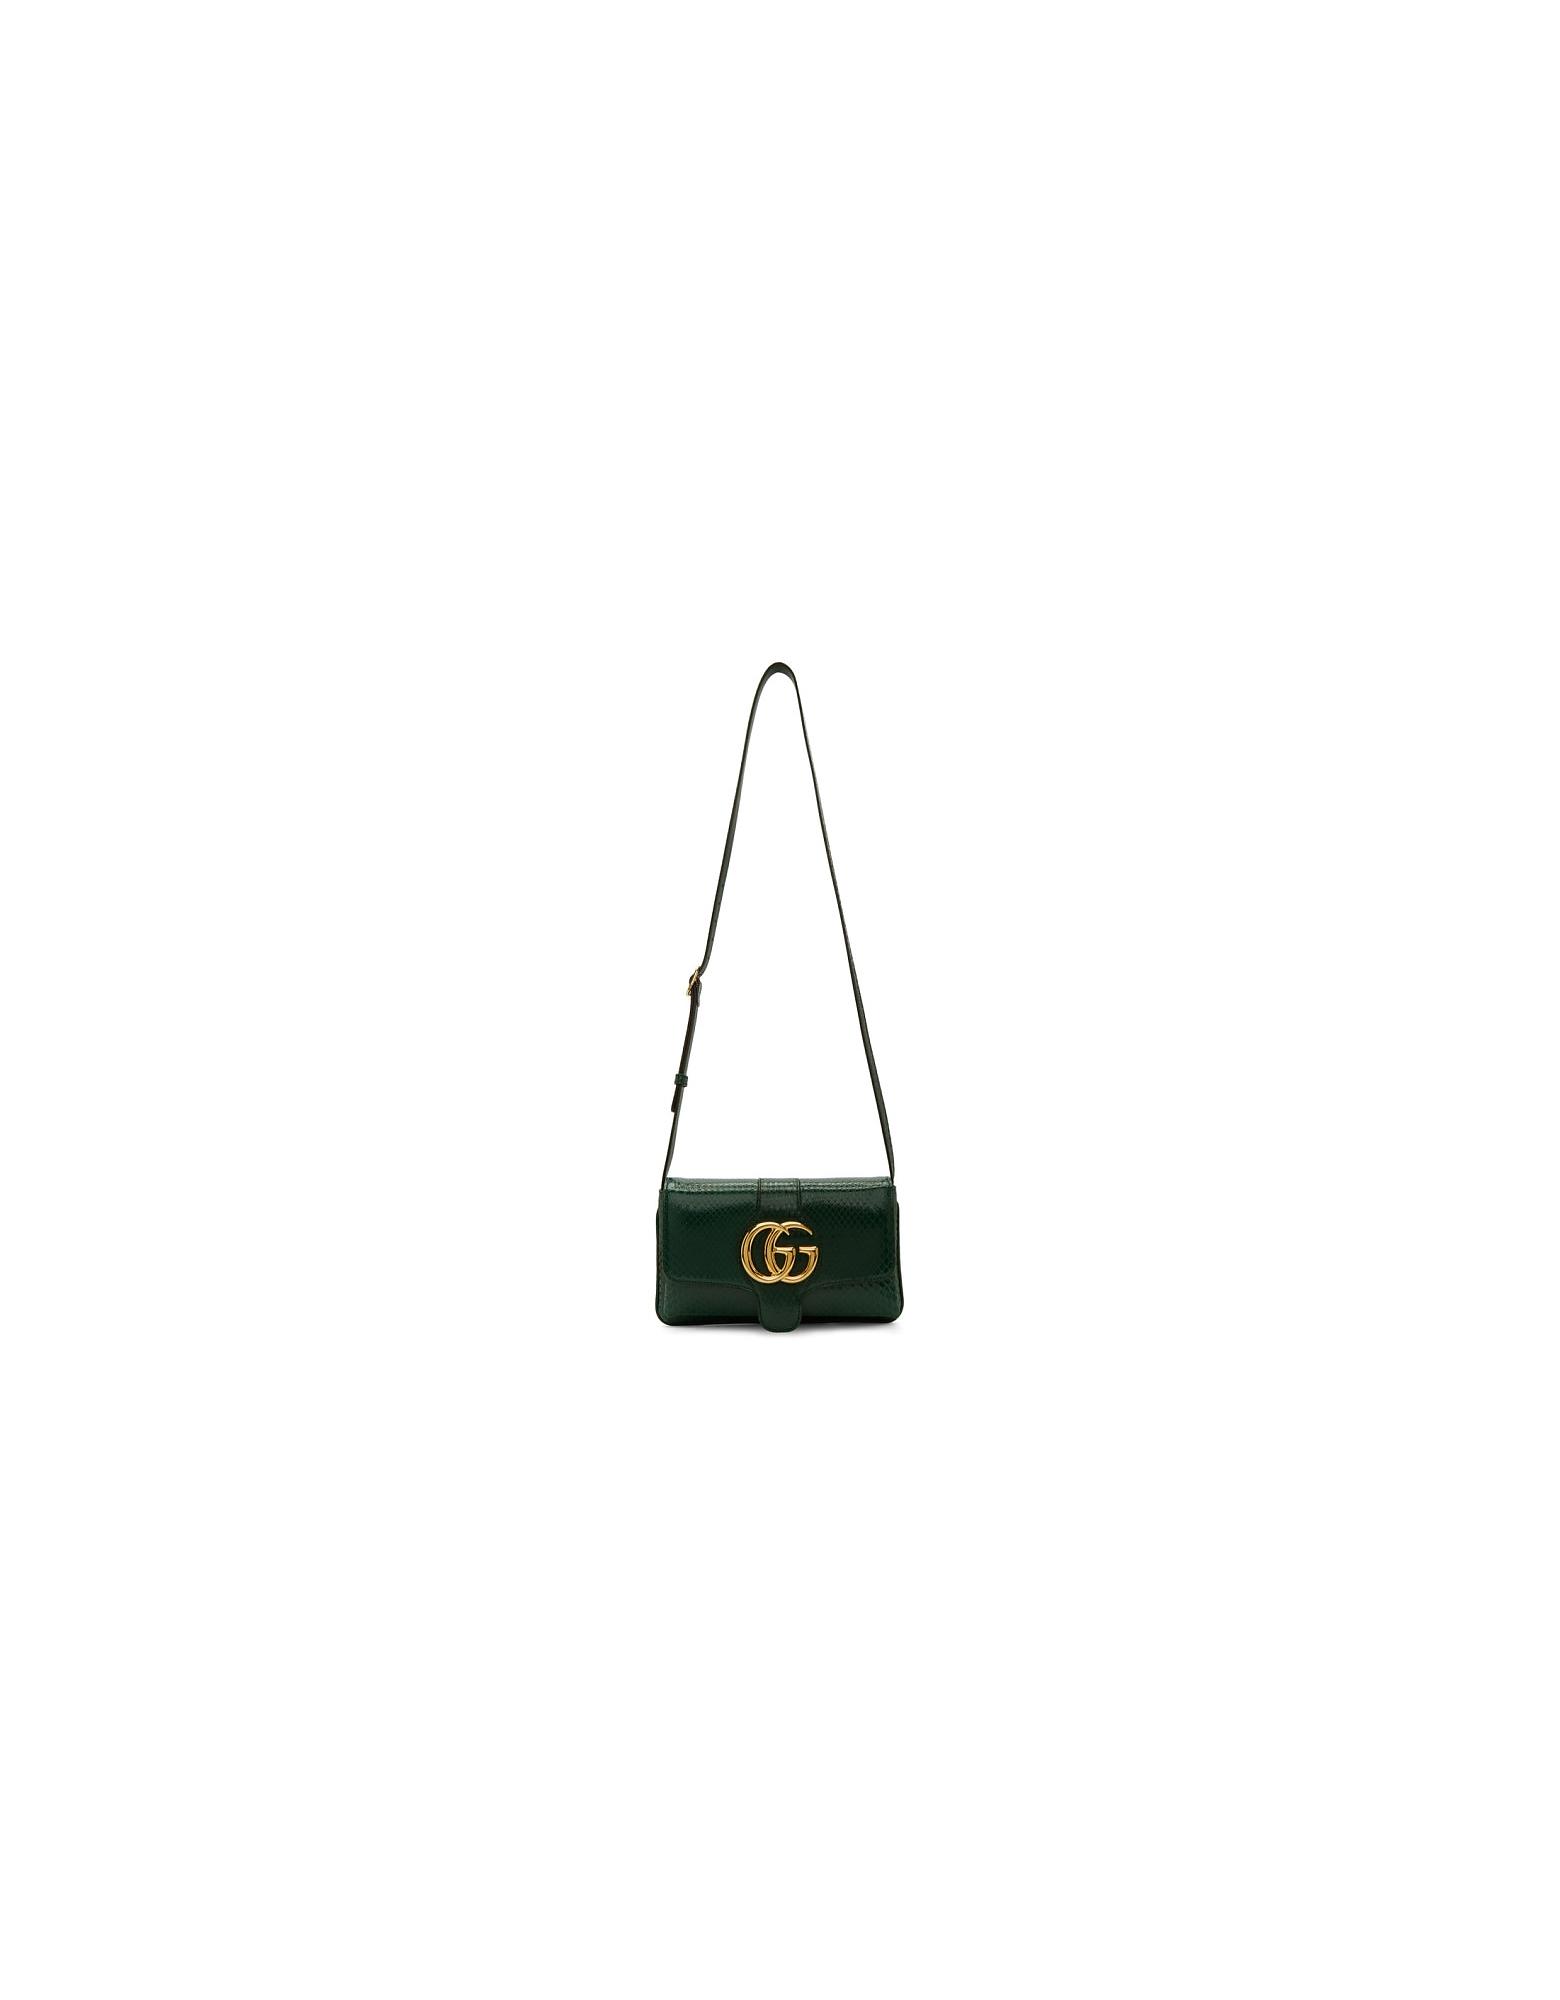 Gucci Designer Handbags, Green Small Croc Arli Bag